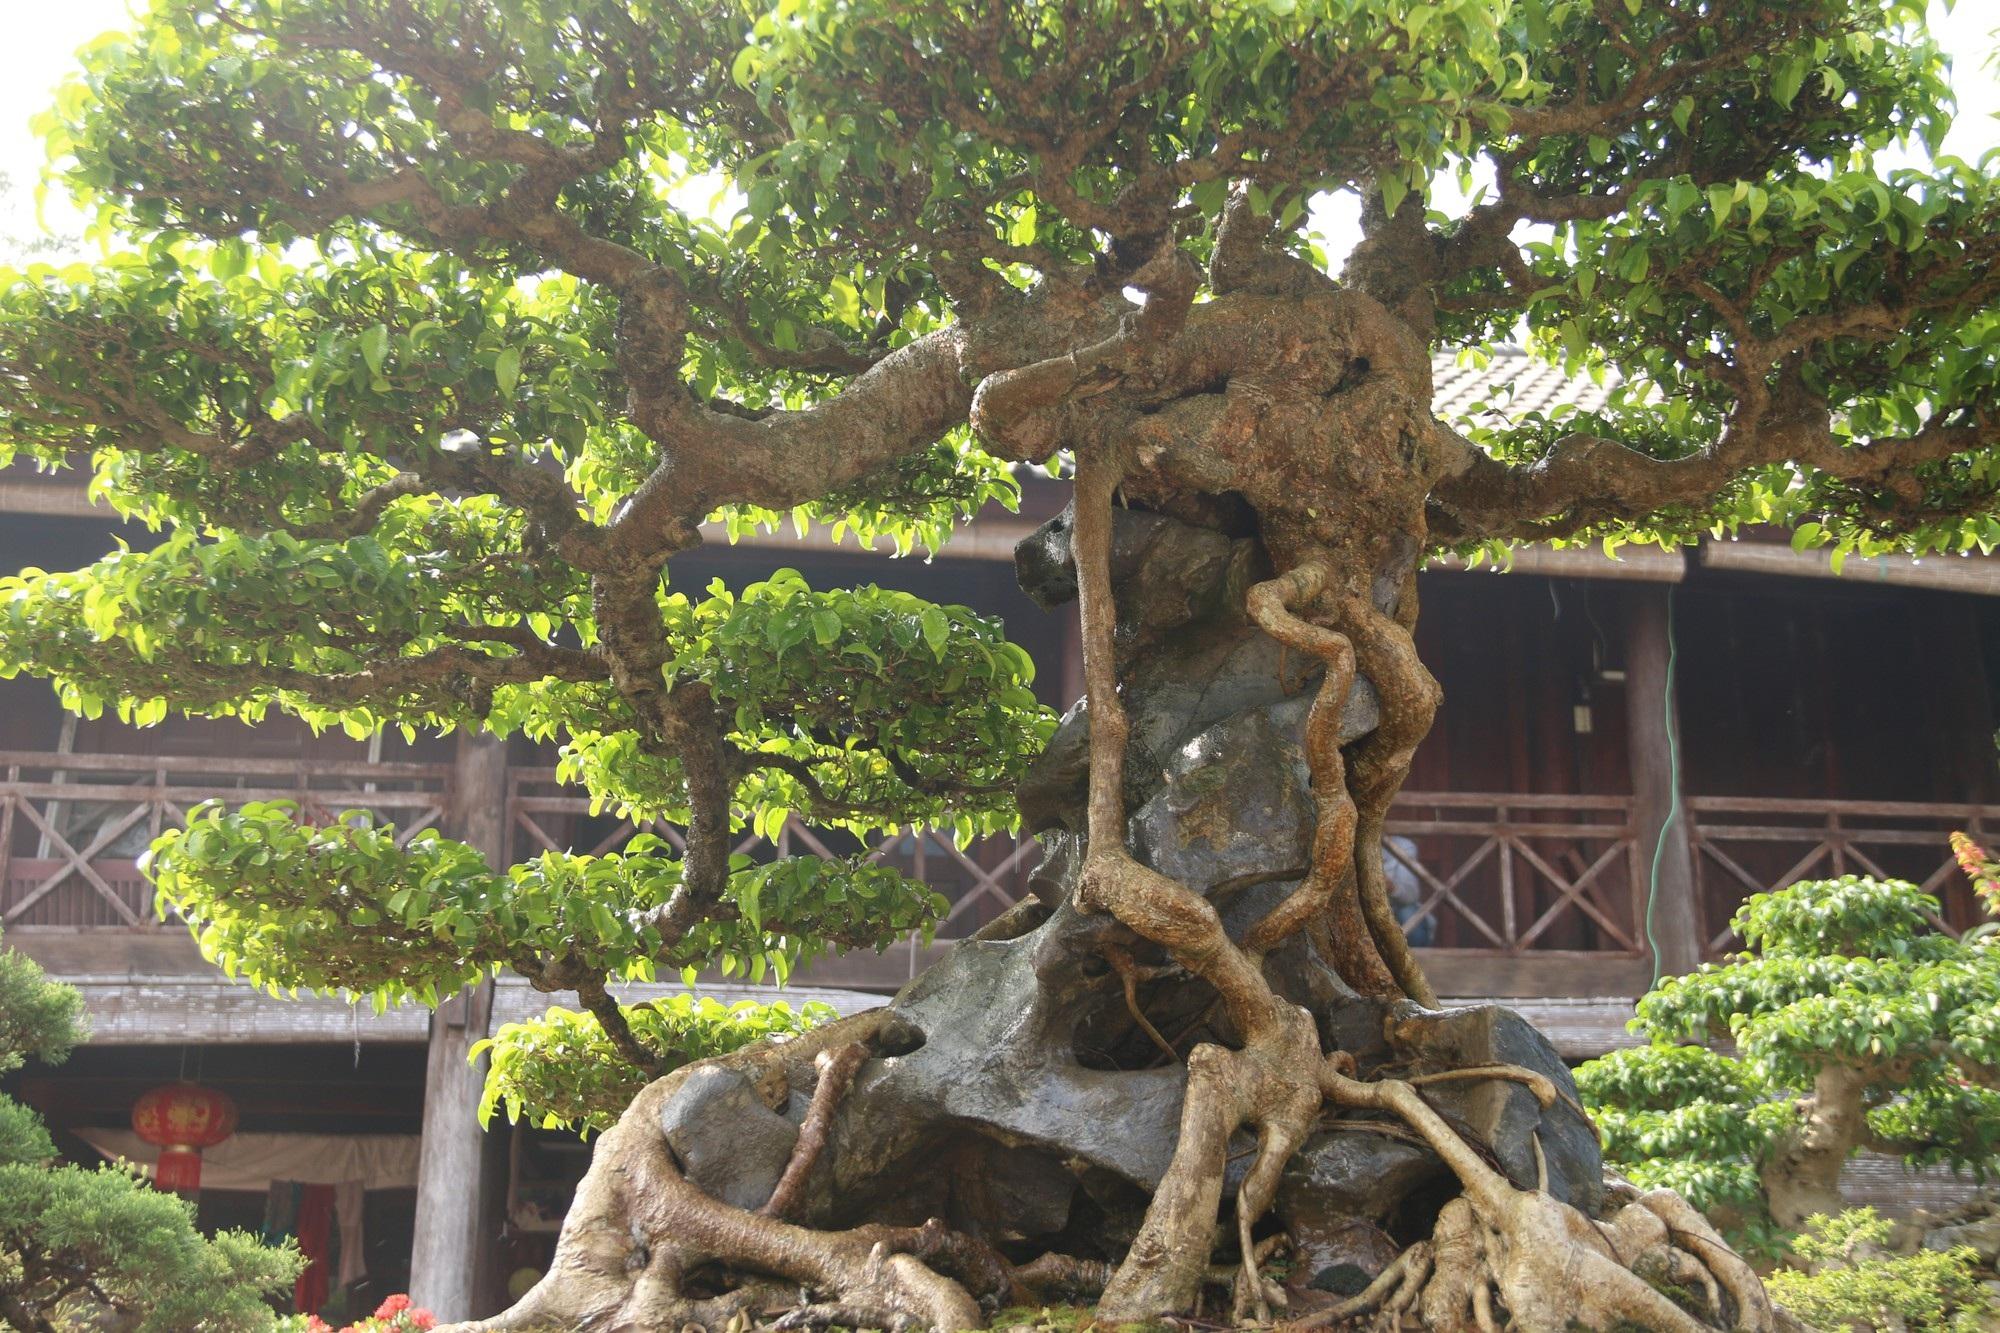 Chiêm ngưỡng sanh cổ dáng phượng giá triệu đô của ông vua cây cảnh Việt Nam - Ảnh 12.